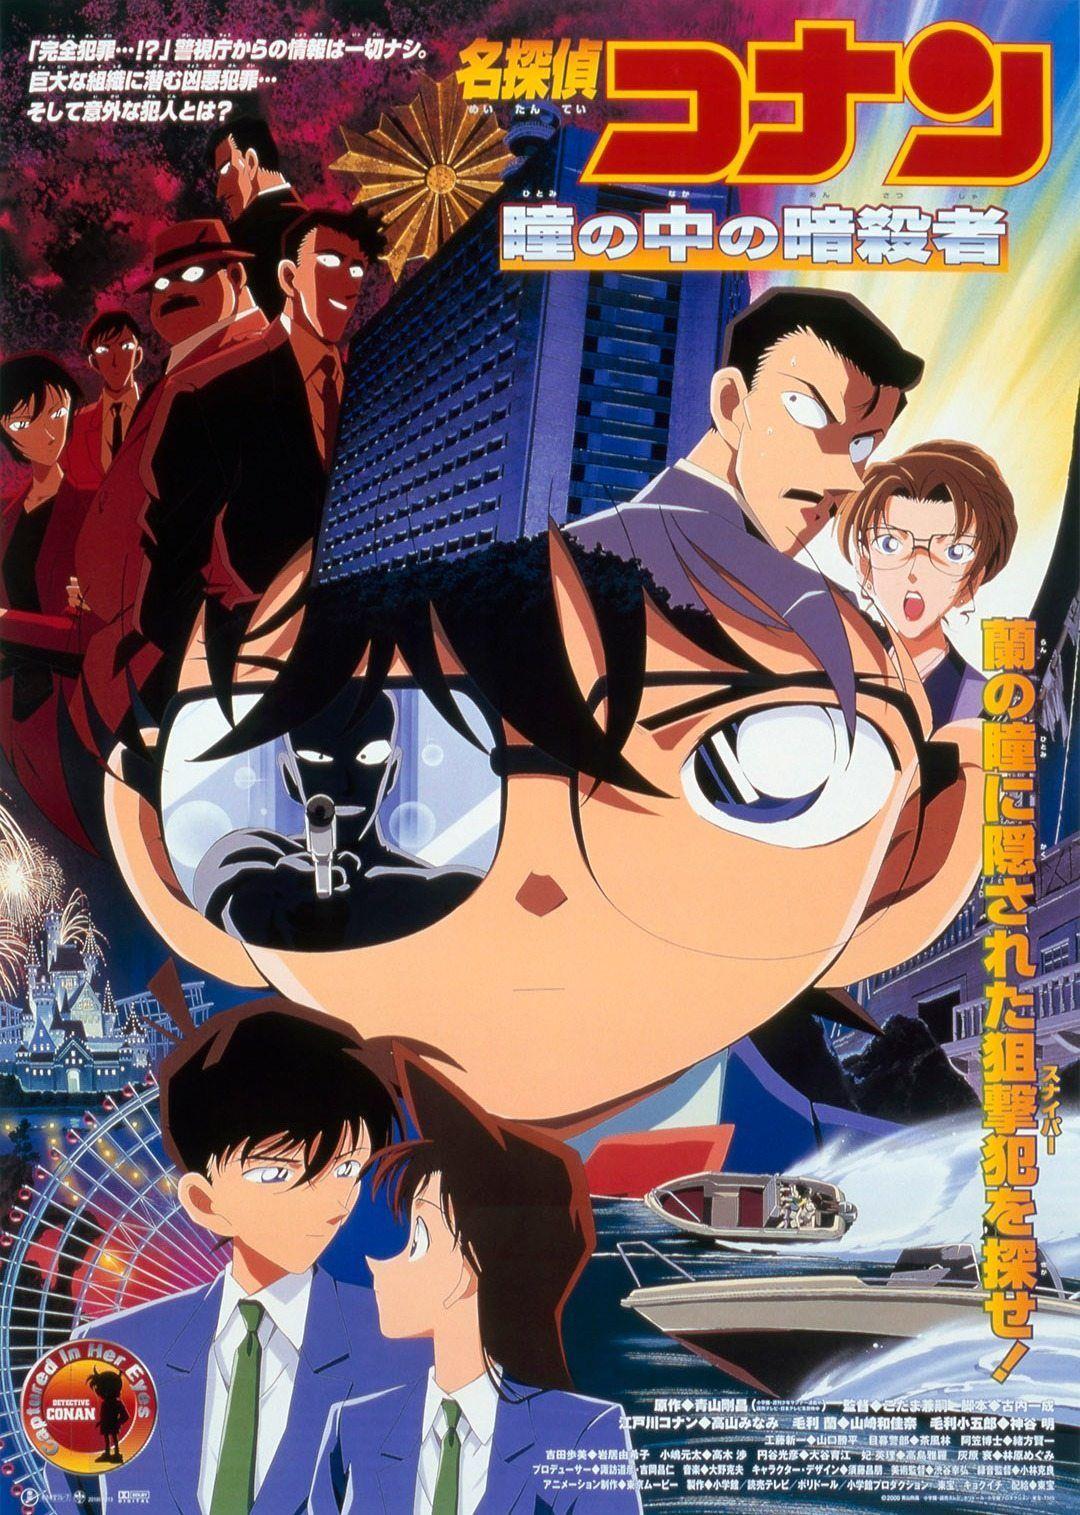 名侦探柯南剧场版 瞳孔中的暗杀者 日语版